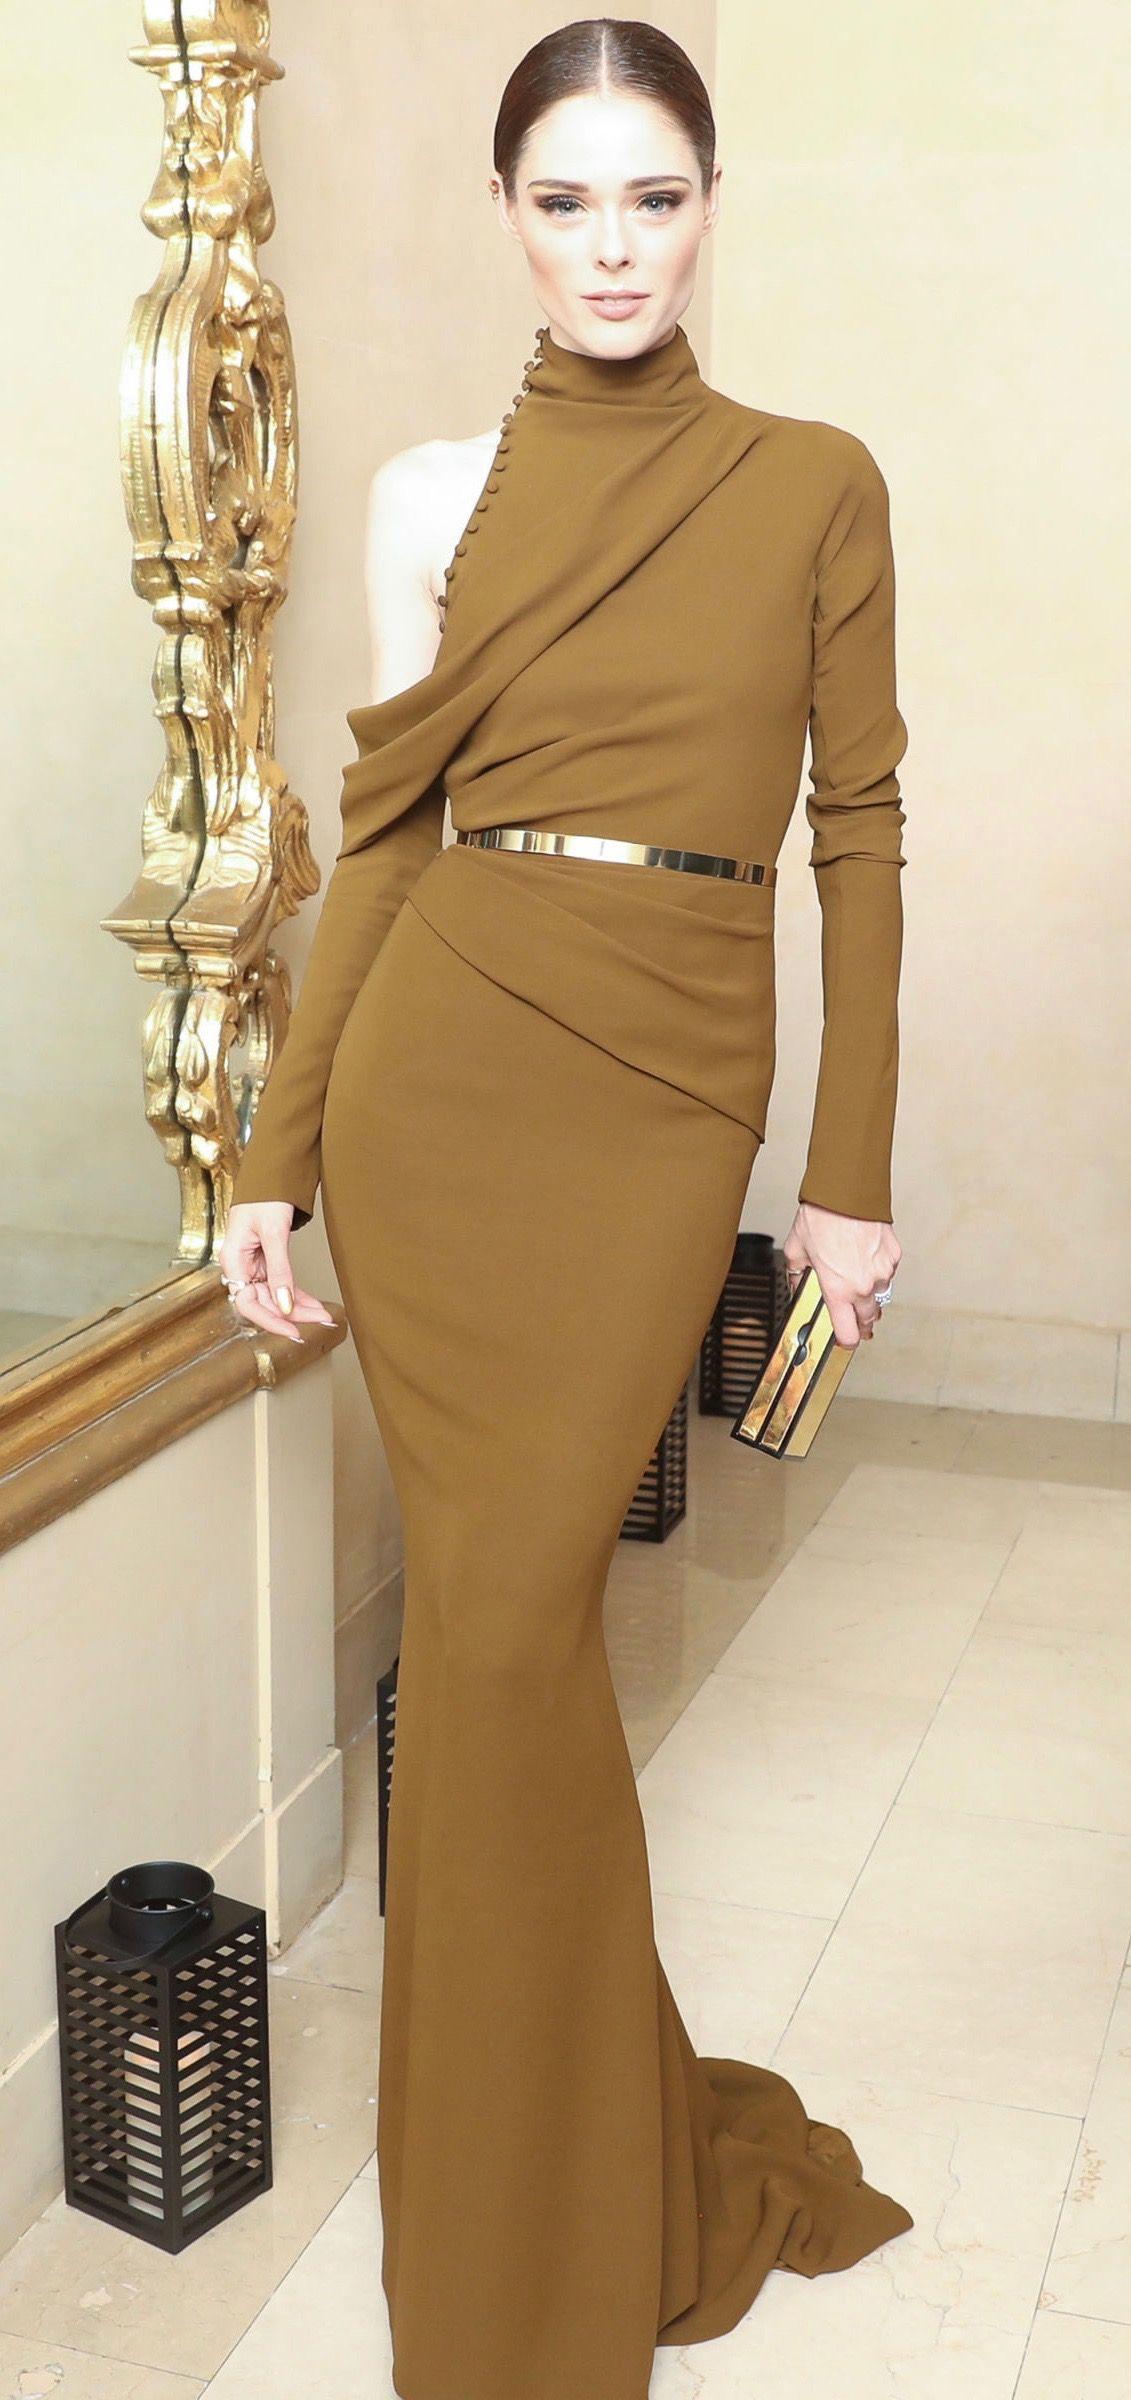 Coco Rocha in J.Mendel Couture F/W 2016/2017